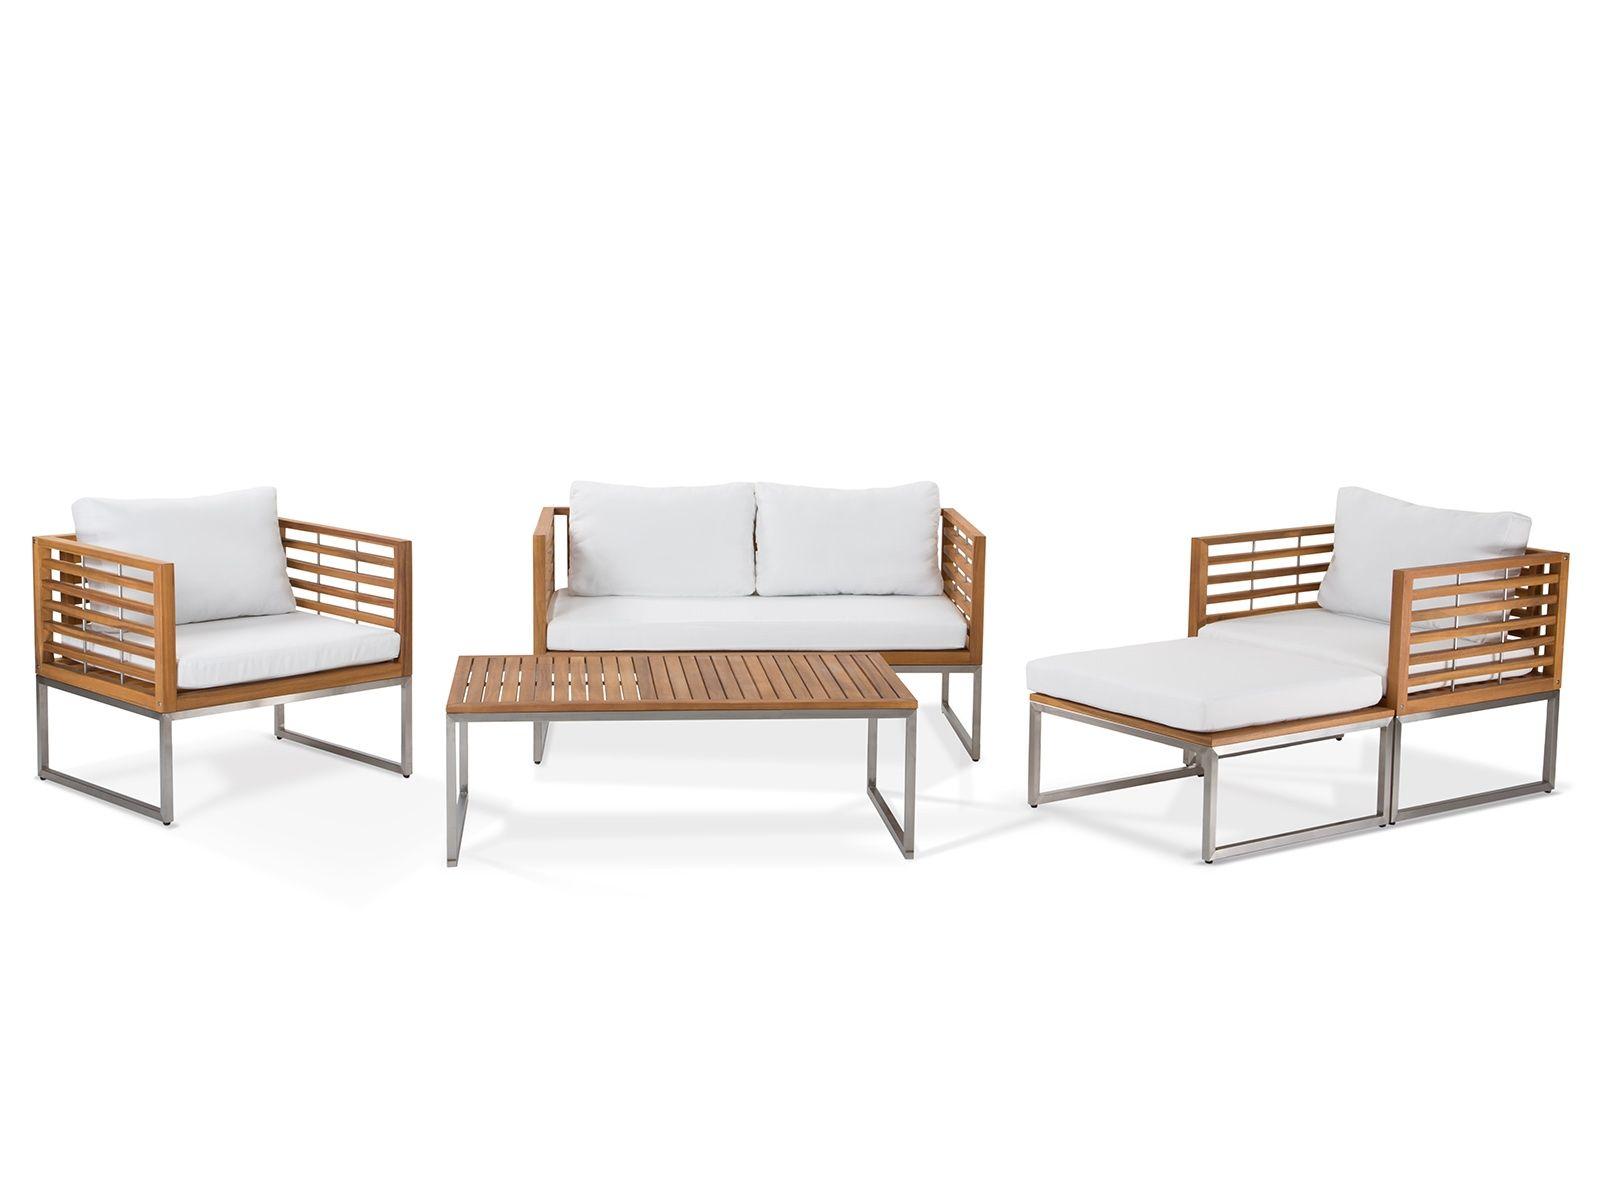 Gartenmöbel Set Holz 4-Sitzer Auflagen beige BERMUDA | Pinterest ...